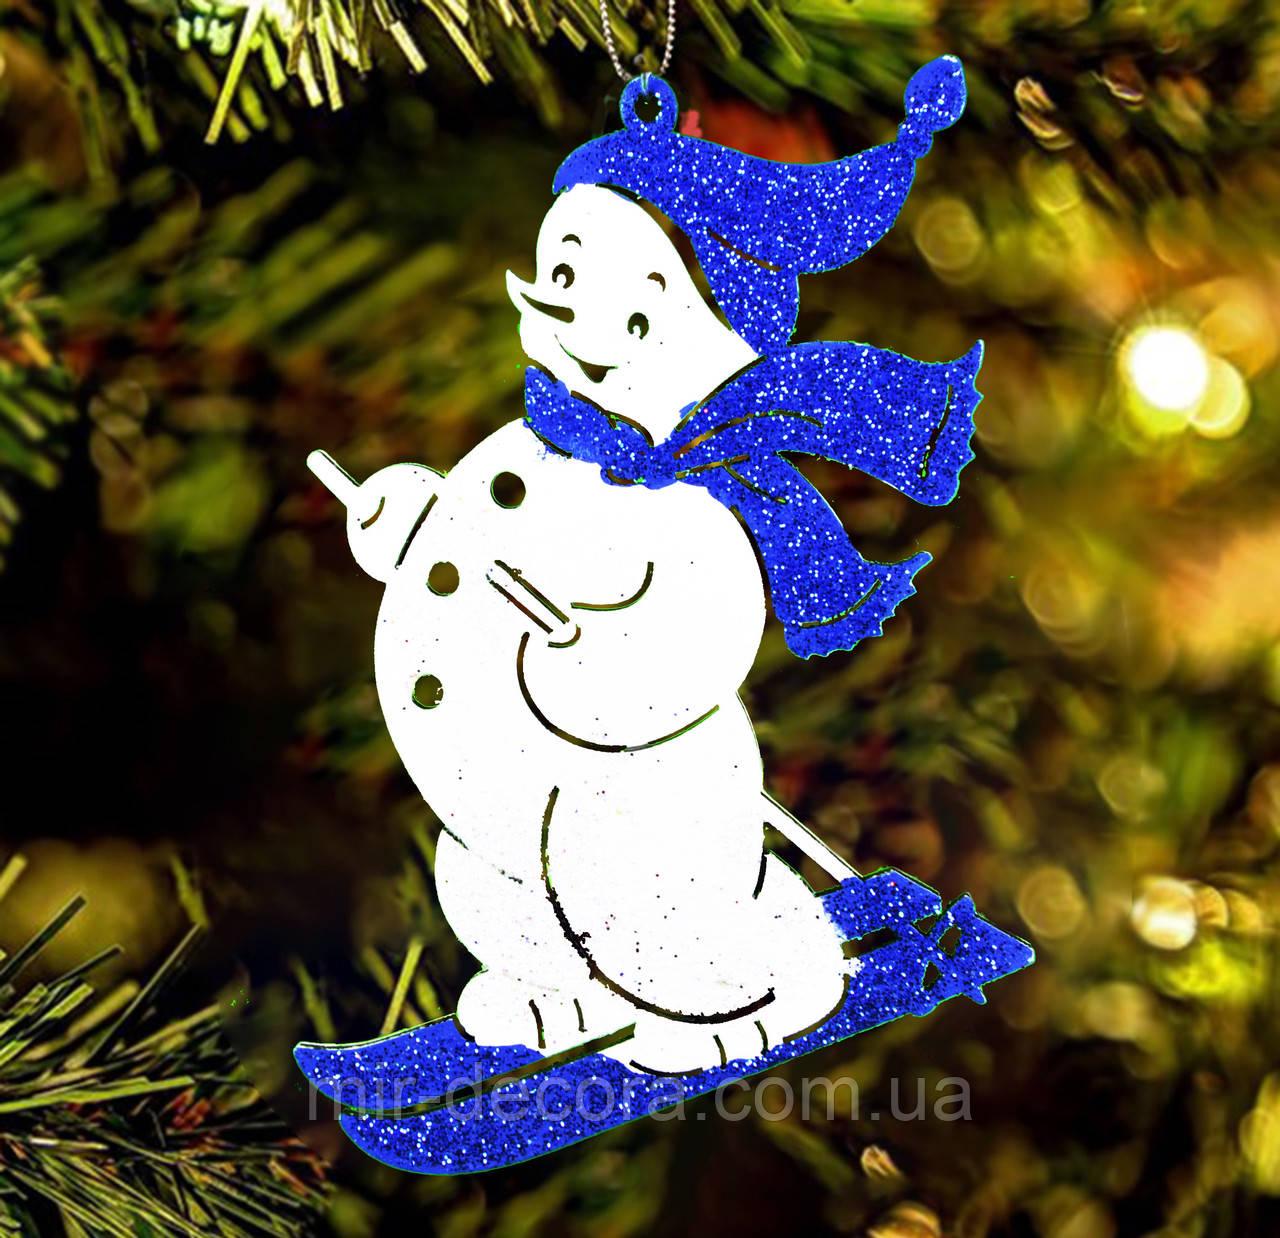 """Деревянная игрушка на елку """"Снеговик на лыжах"""" высота 12 см"""